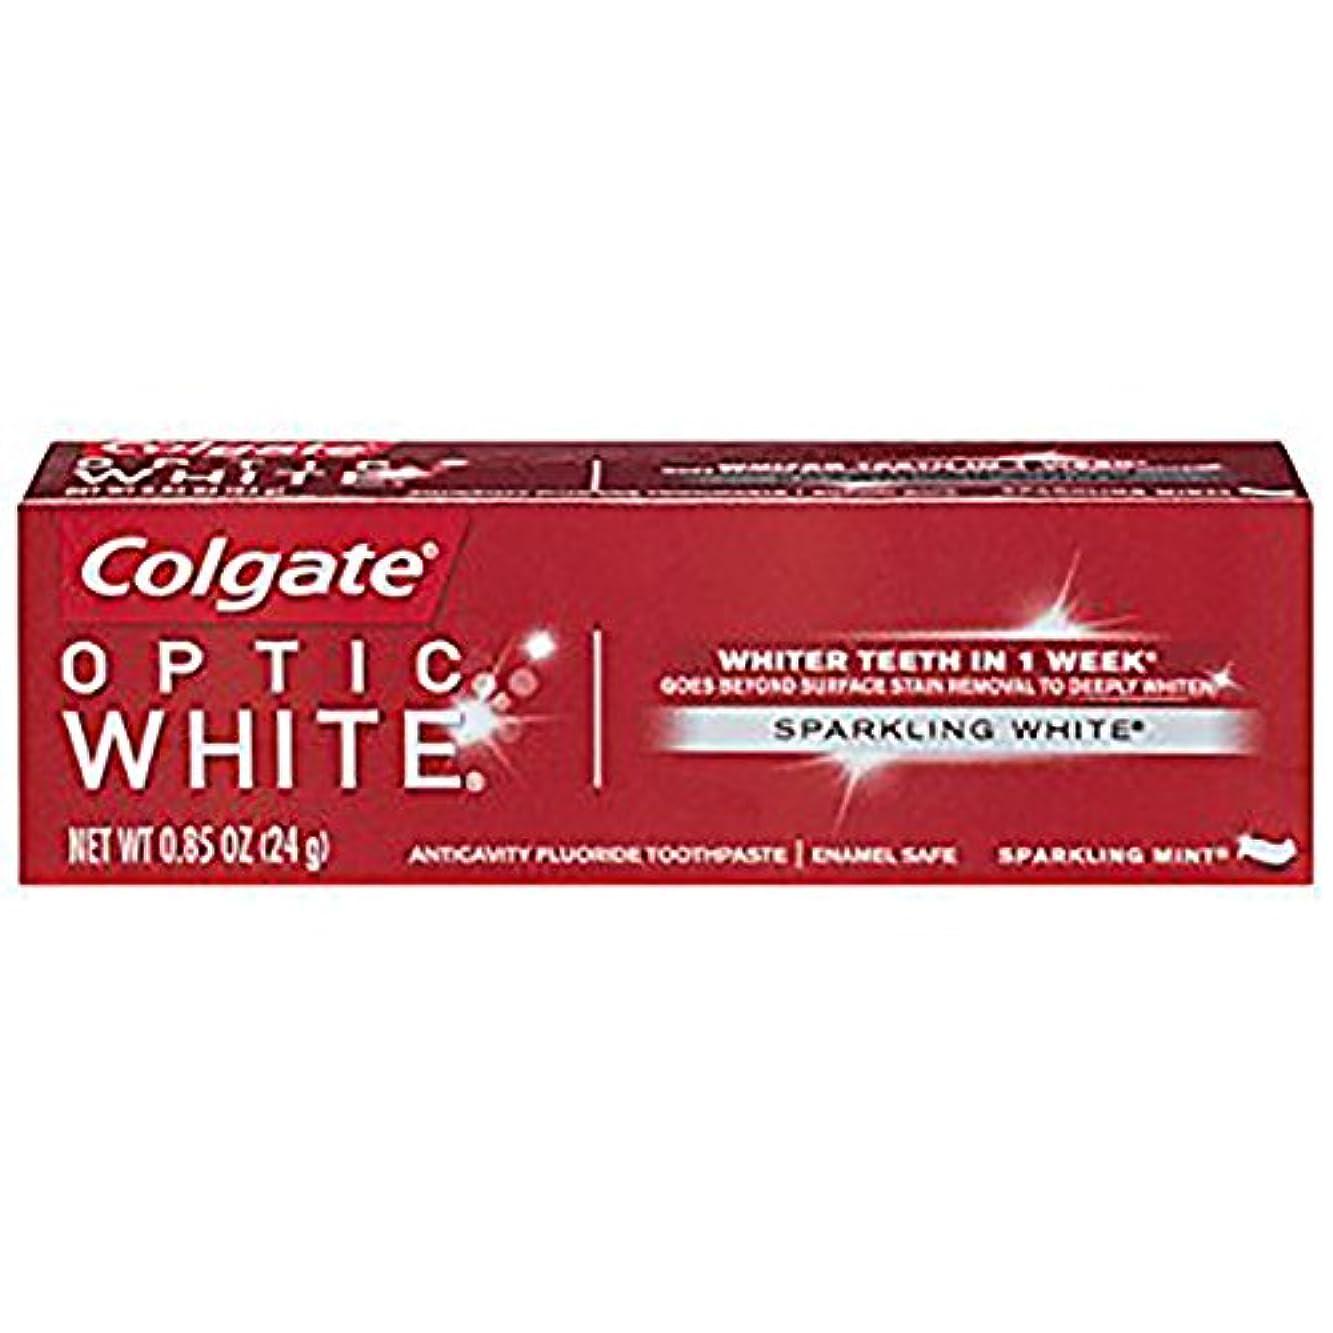 ラジウム優れた変換するコルゲート ホワイトニング Colgate 24g Optic White Sparkling White 白い歯 歯磨き粉 ミント